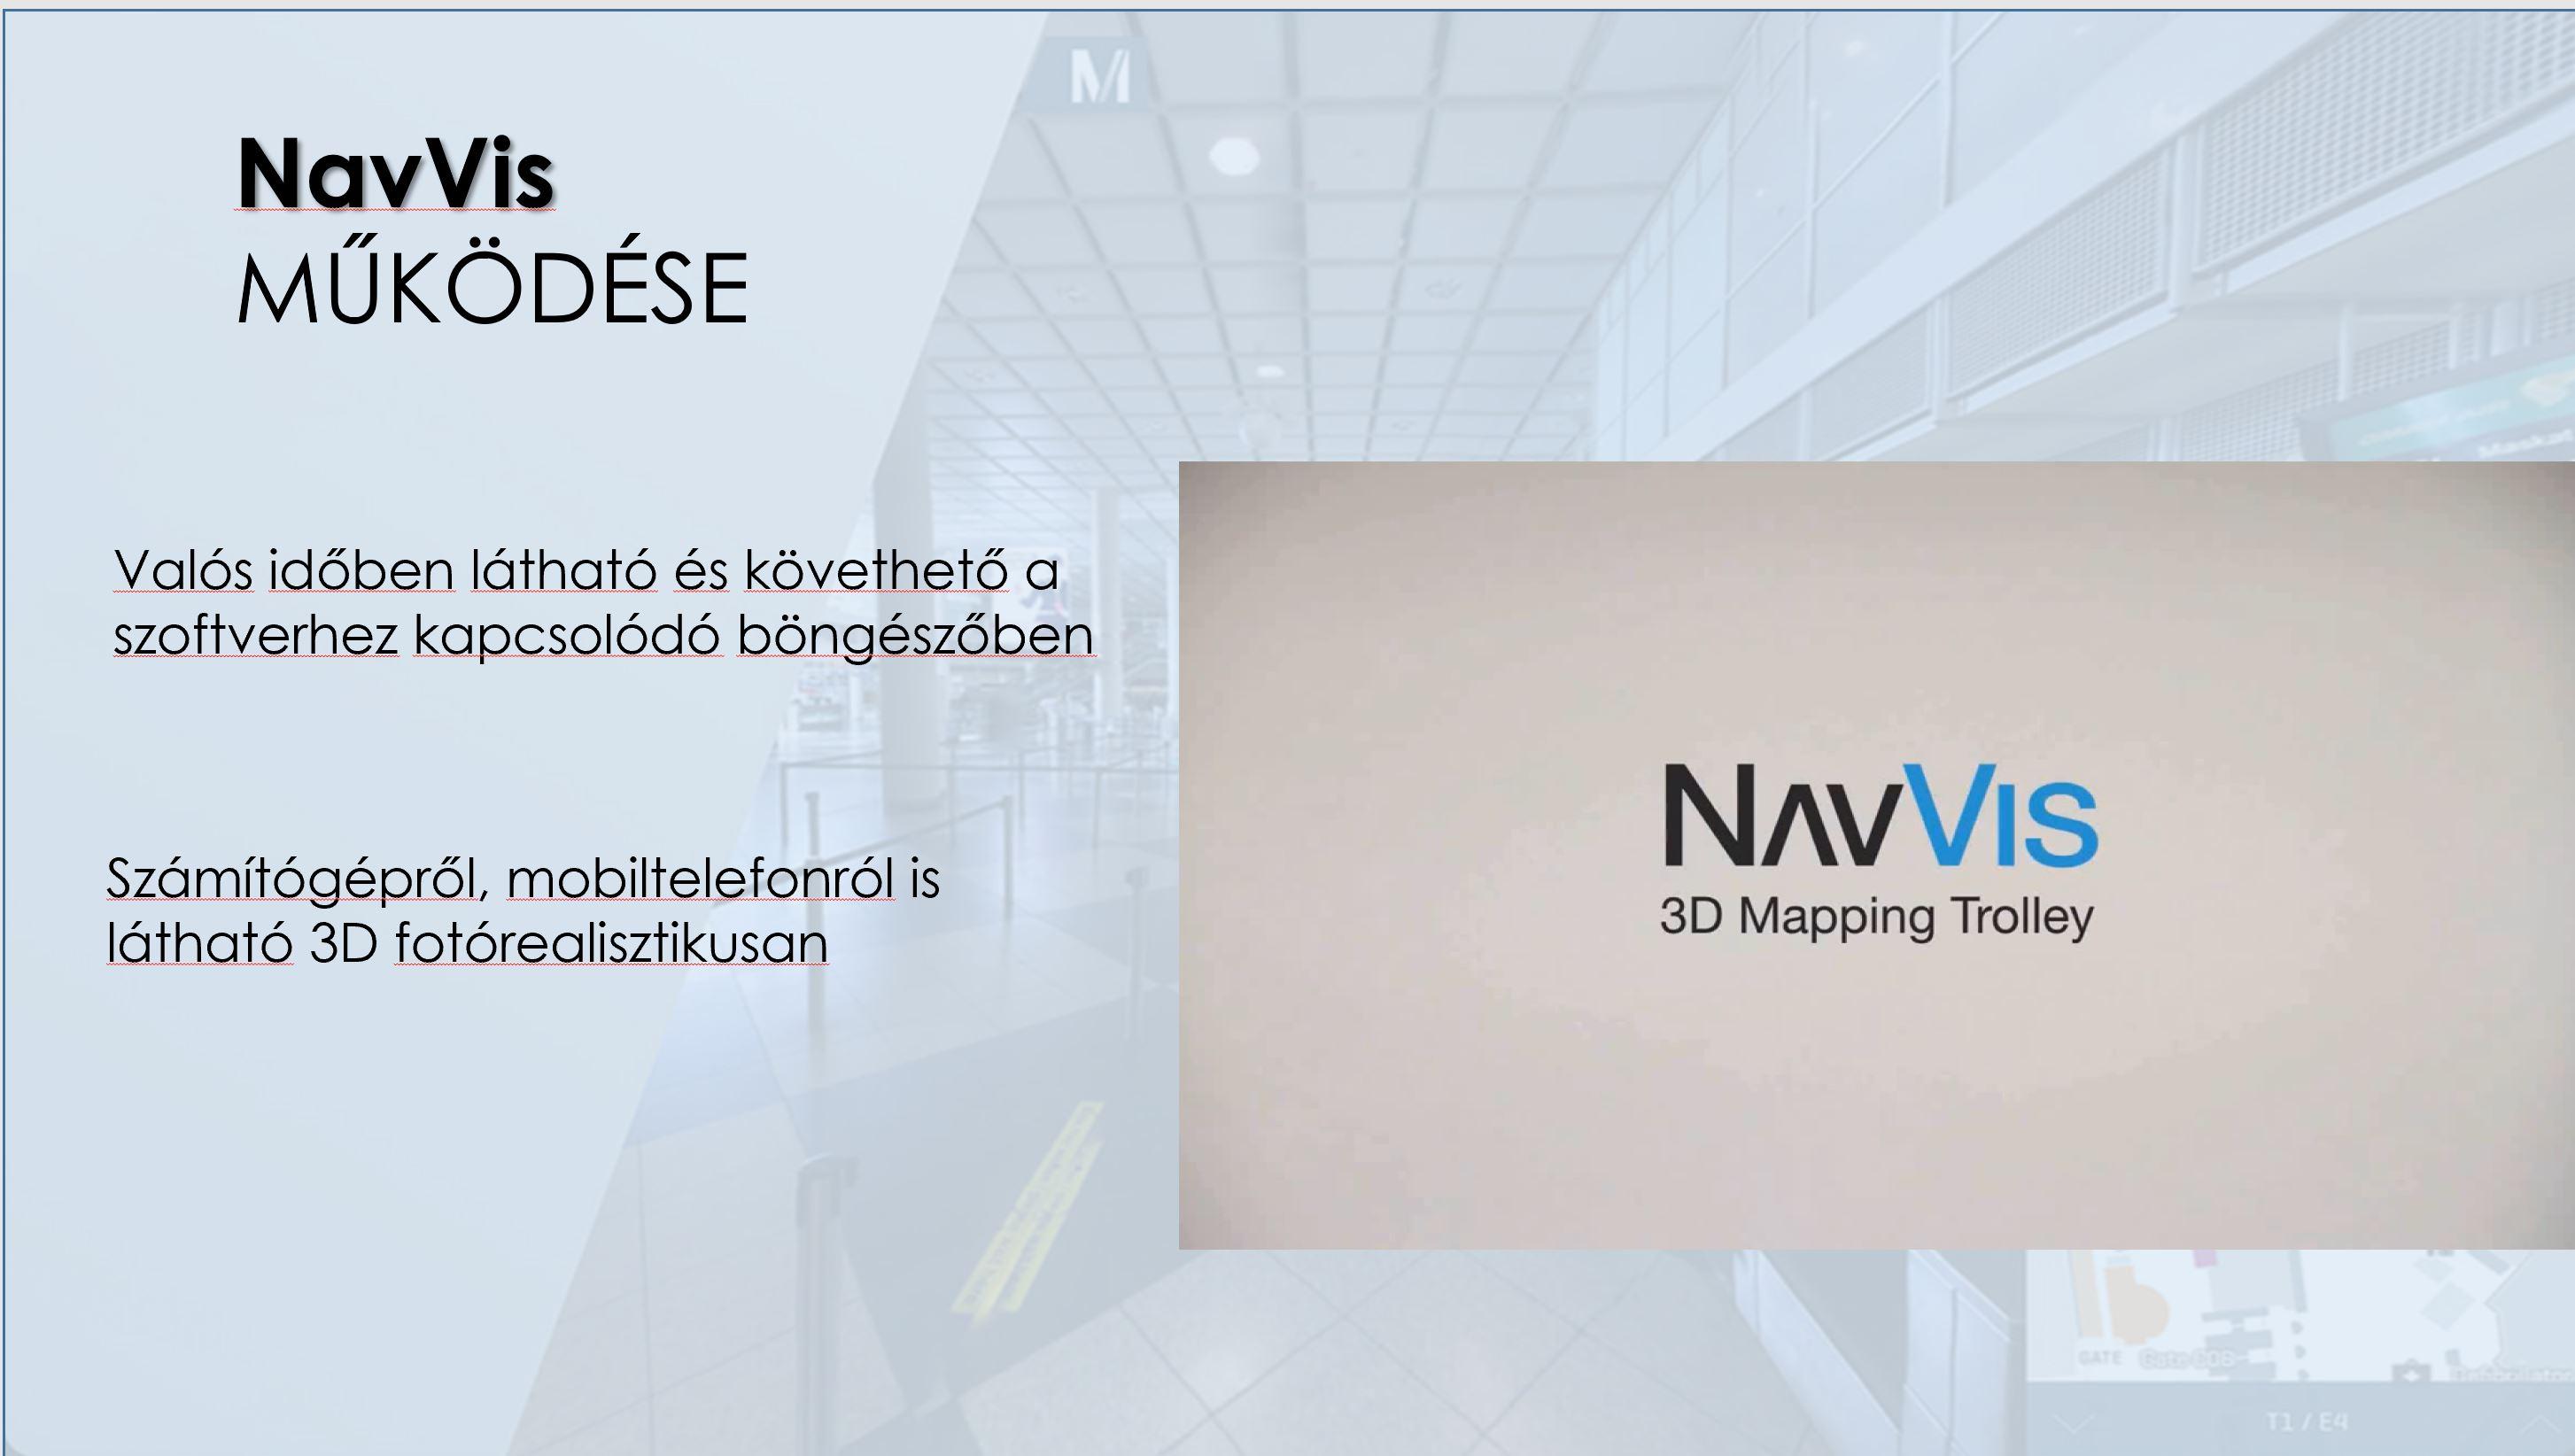 NavVis_5